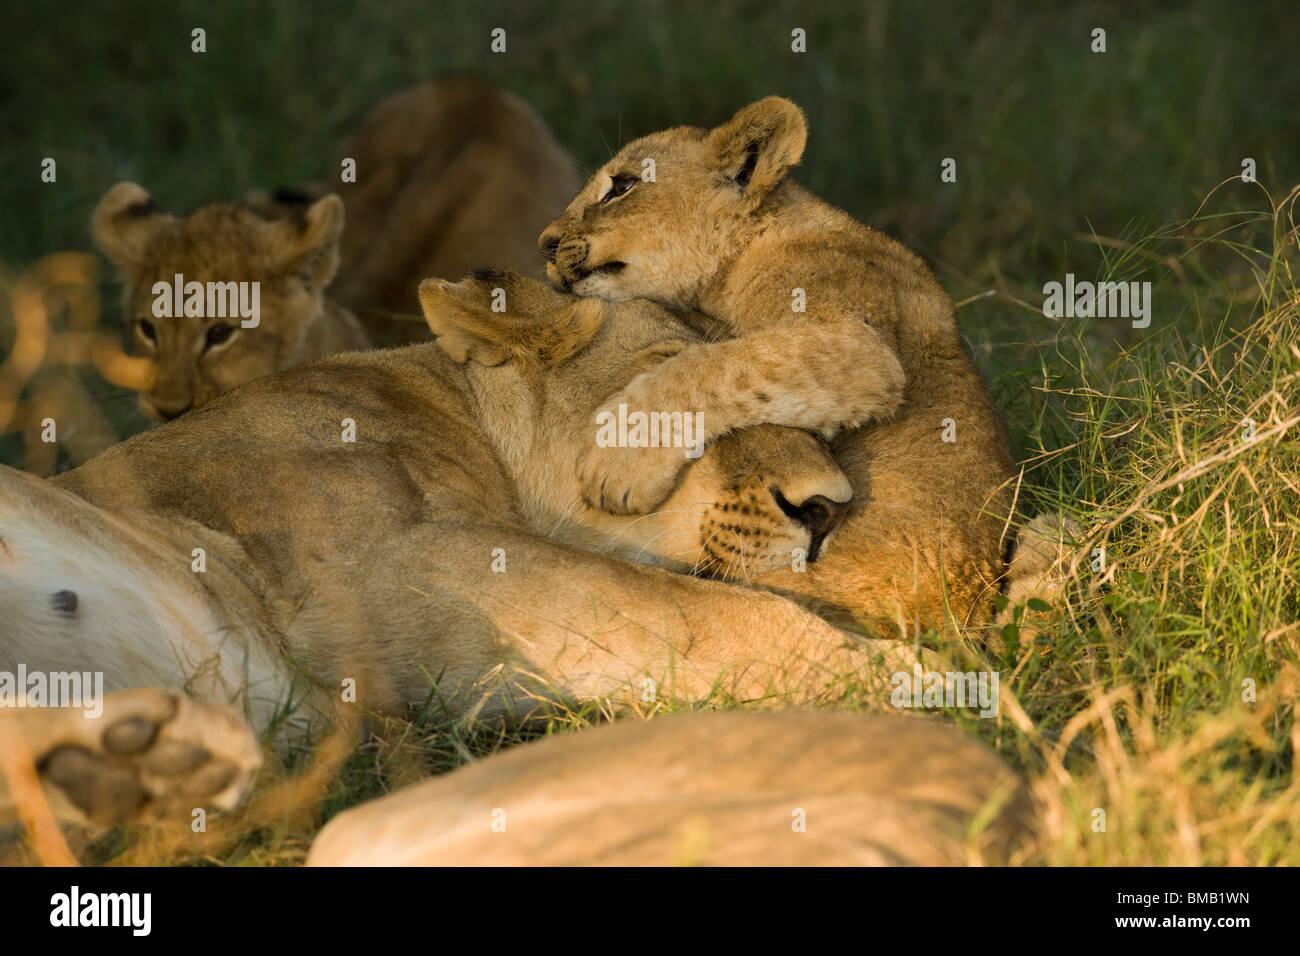 Lindo juguetón cachorro de león abrazando a dormir la mamá de cabeza, profundidad de campo, un fondo suave, el delta del Okavango Botswana Foto de stock